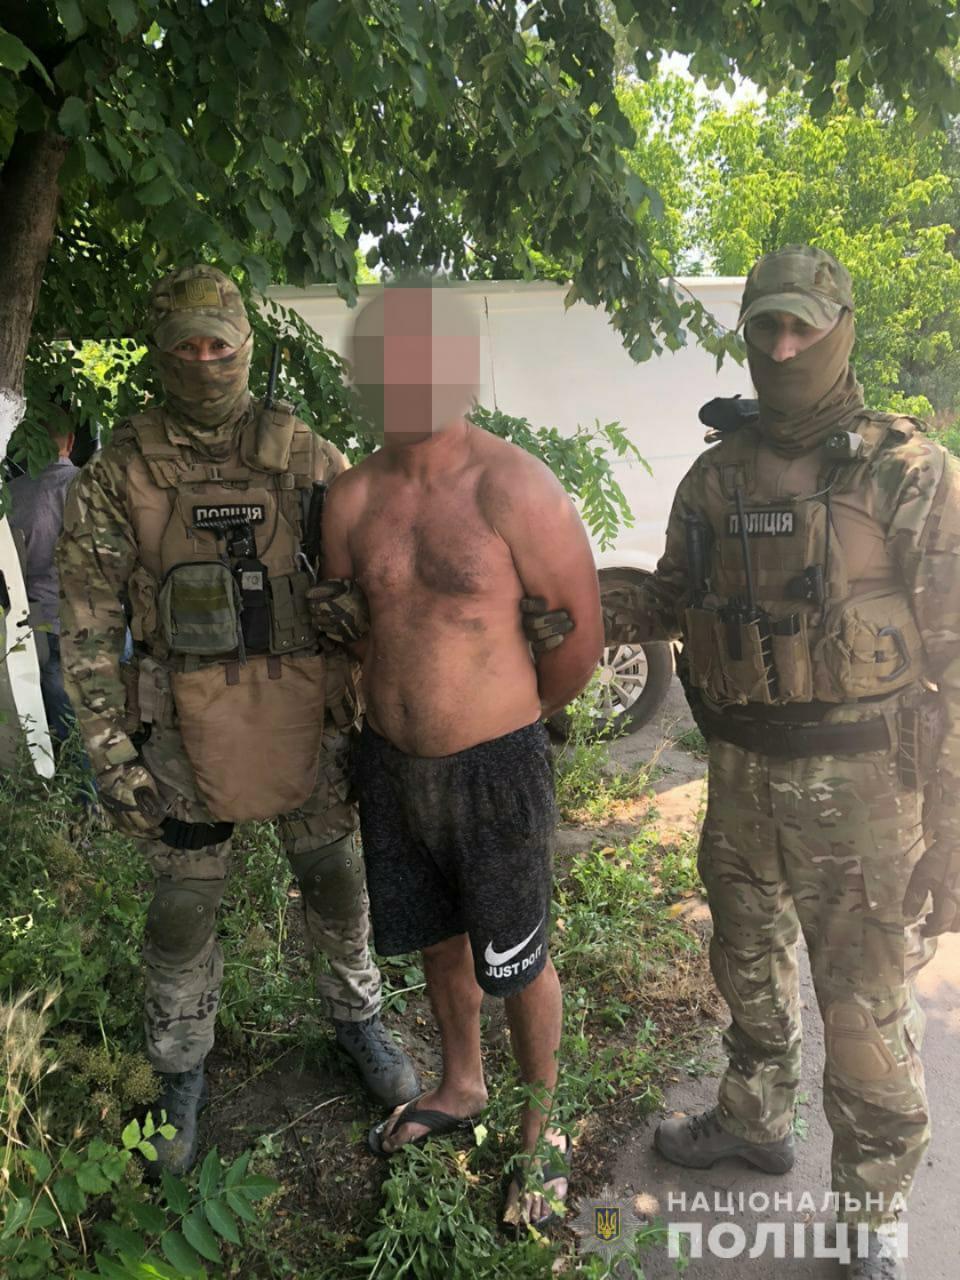 Напали з ножем і зв'язали: у Дніпропетровській області іноземці пограбували пенсіонерів